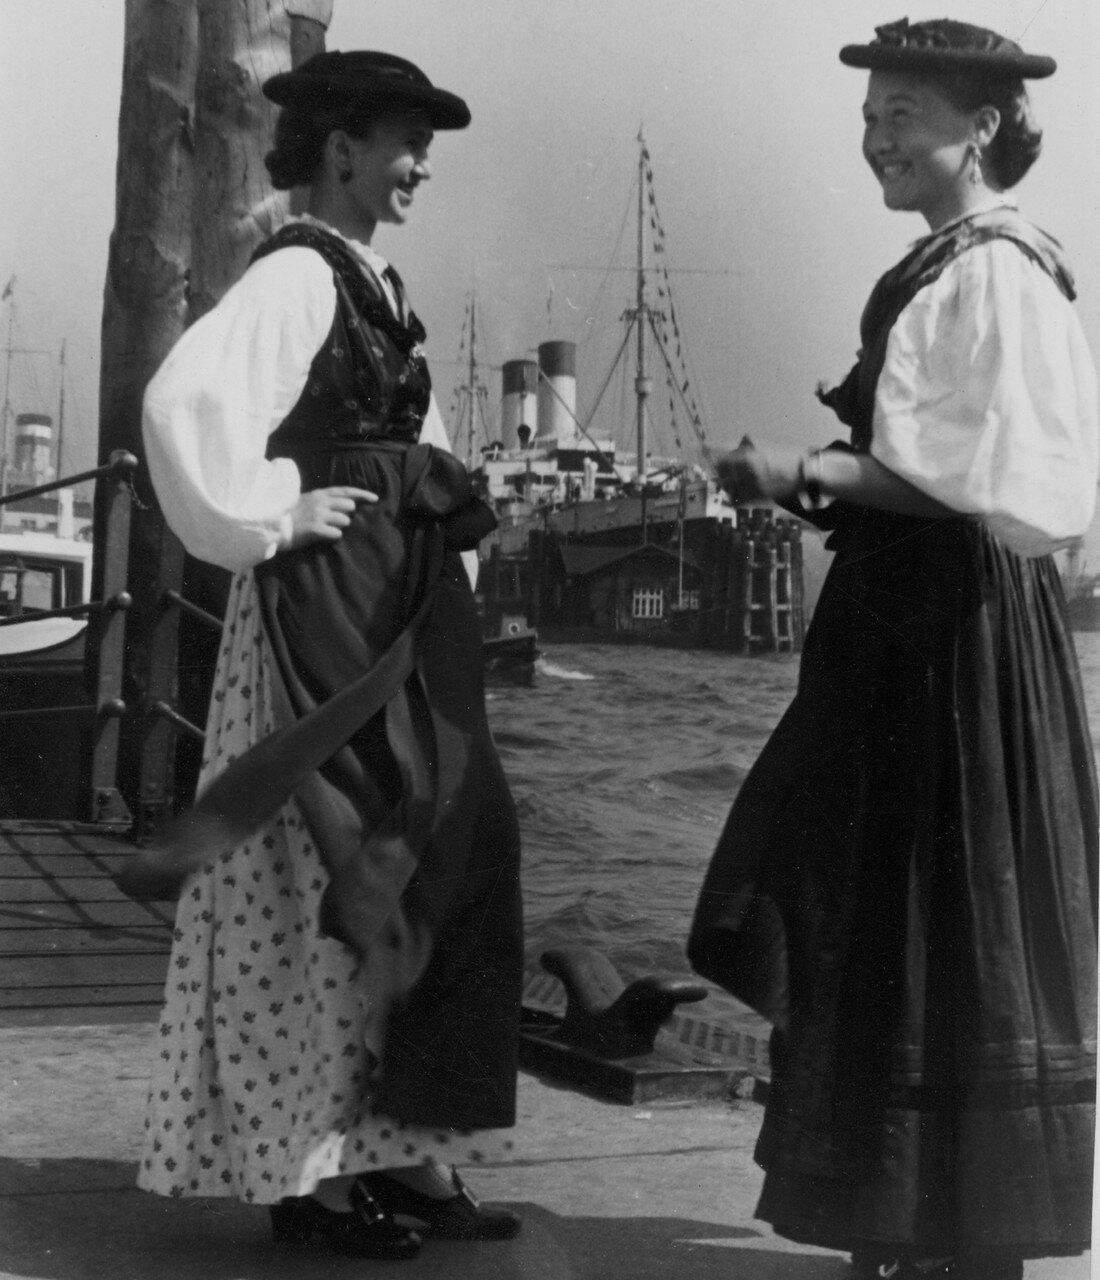 Гамбург. Австрийские девушки в национальных костюмах